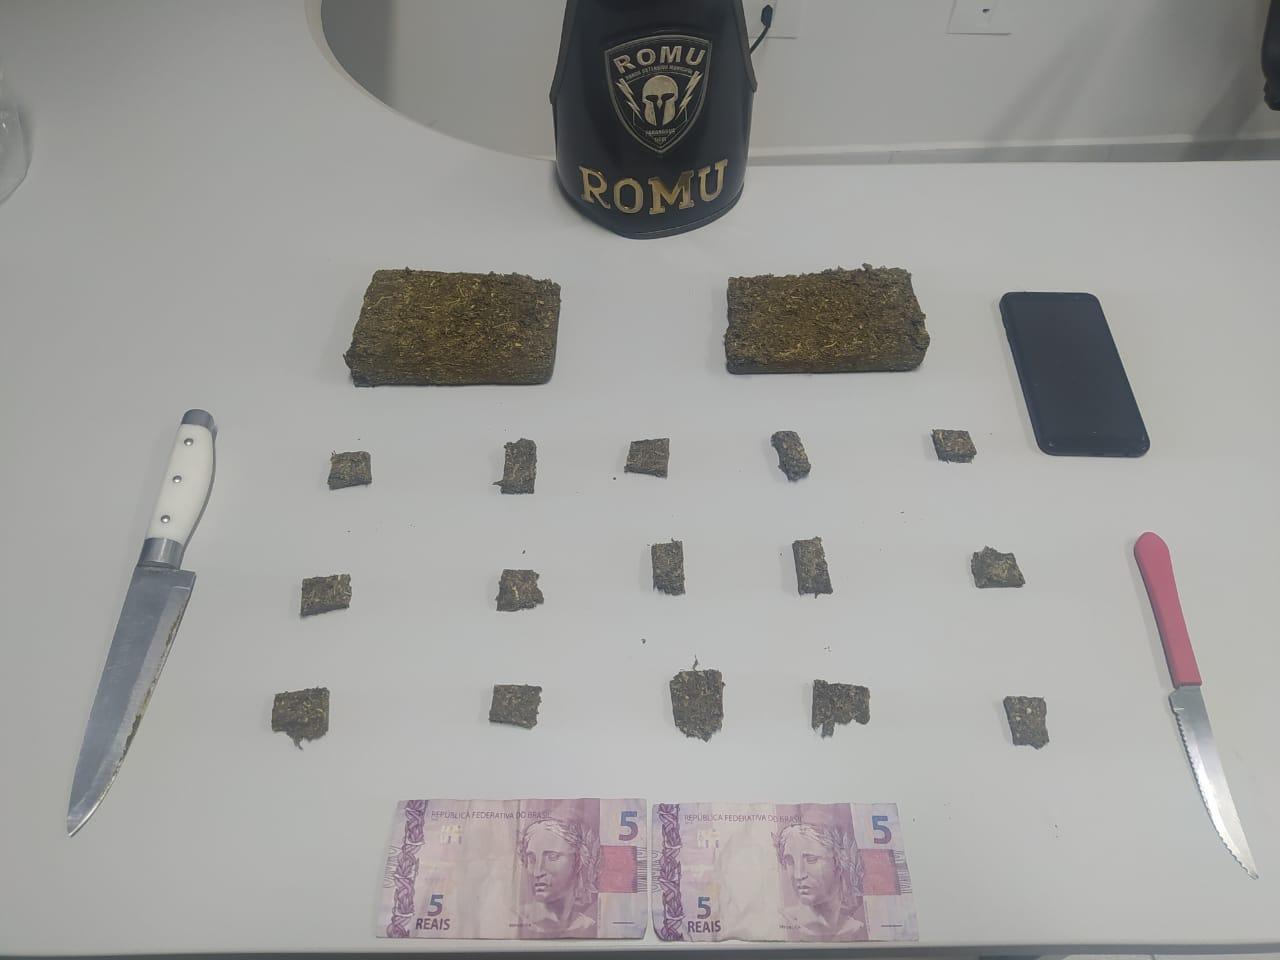 Acusado de envolvimento com o tráfico de drogas é preso